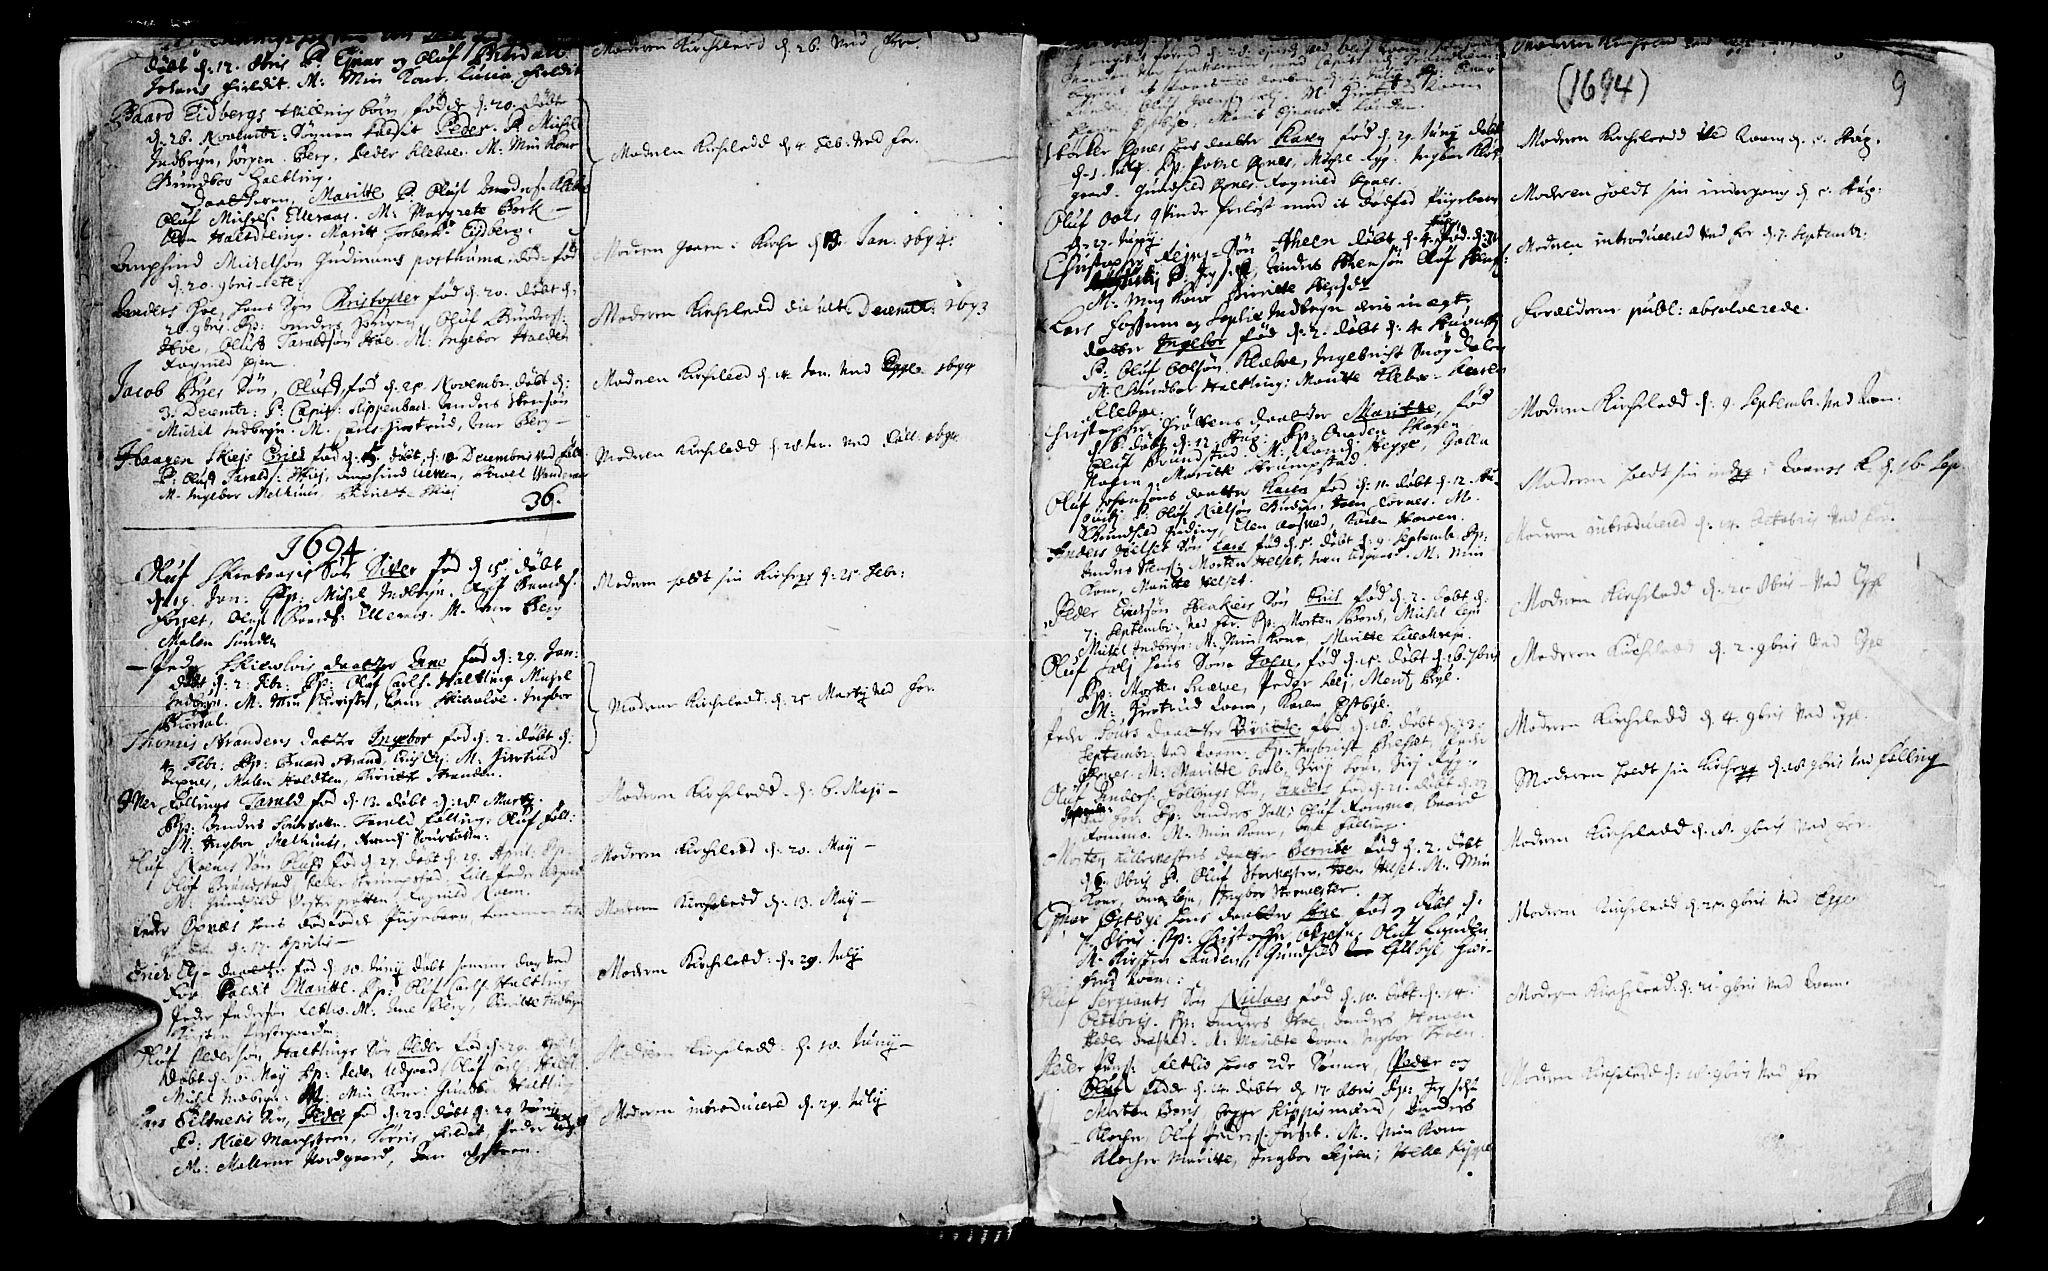 SAT, Ministerialprotokoller, klokkerbøker og fødselsregistre - Nord-Trøndelag, 746/L0439: Ministerialbok nr. 746A01, 1688-1759, s. 9